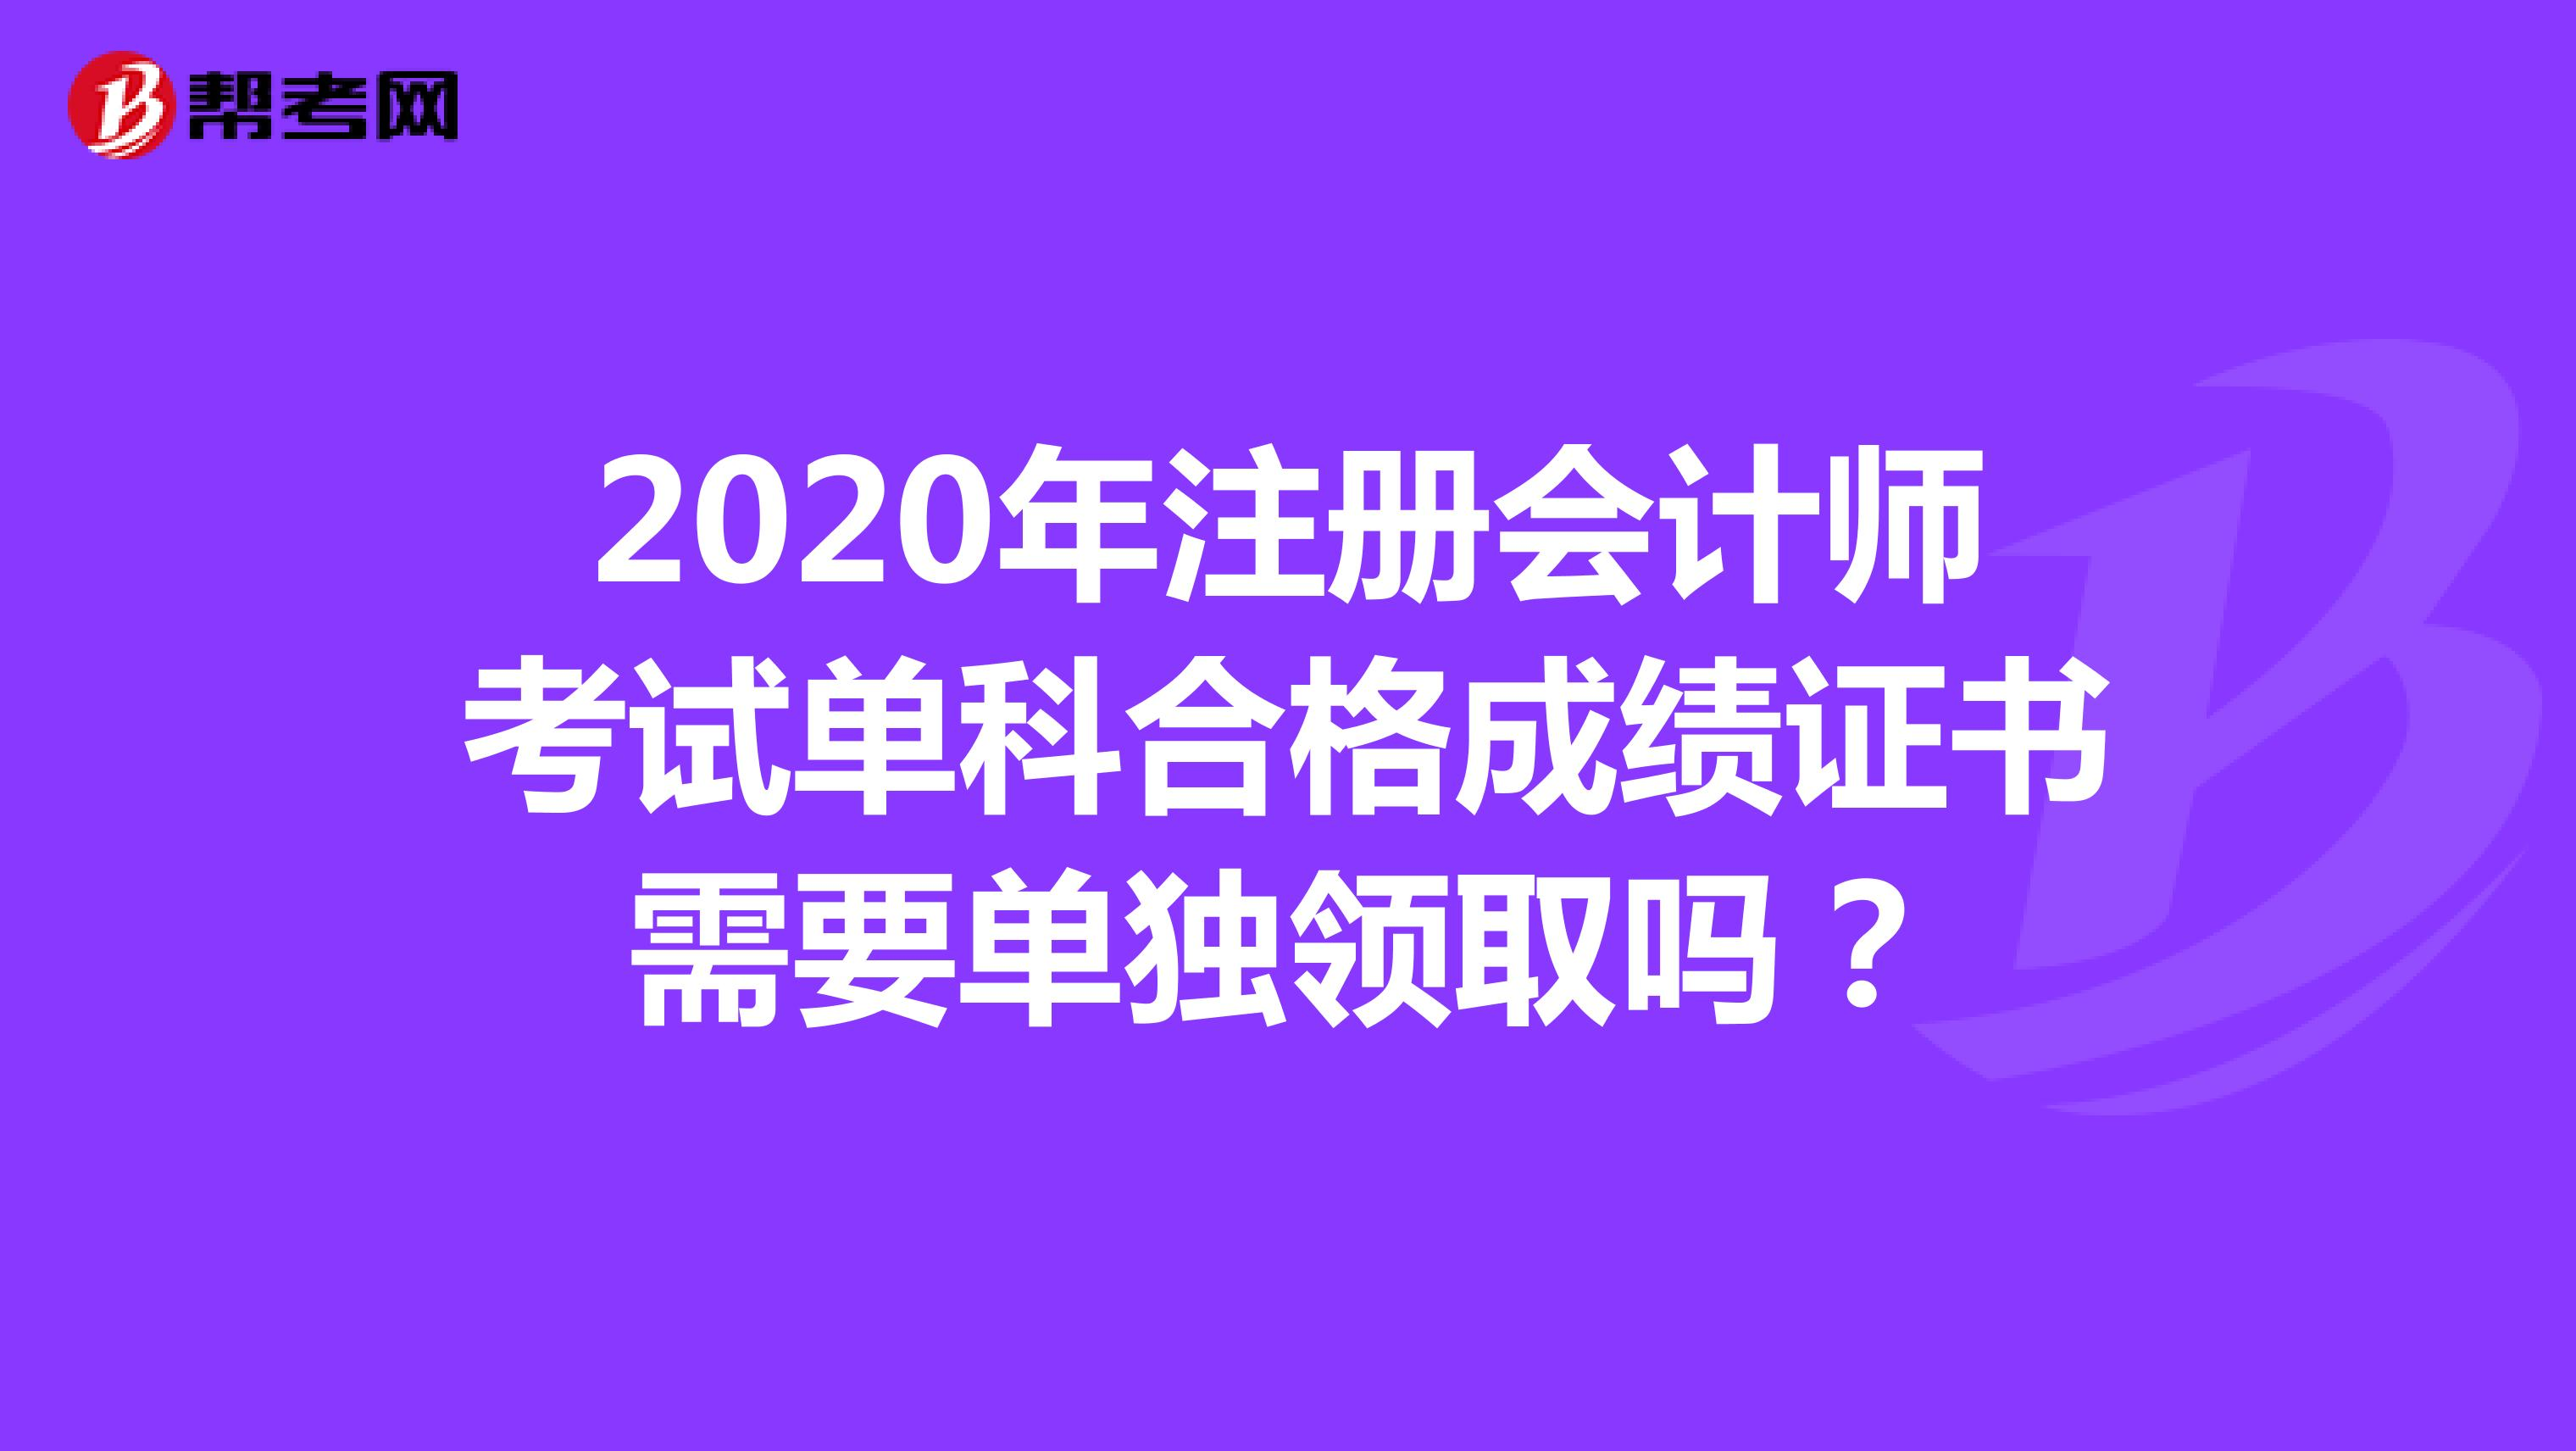 2020年注冊會計師考試單科合格成績證書需要單獨領取嗎?